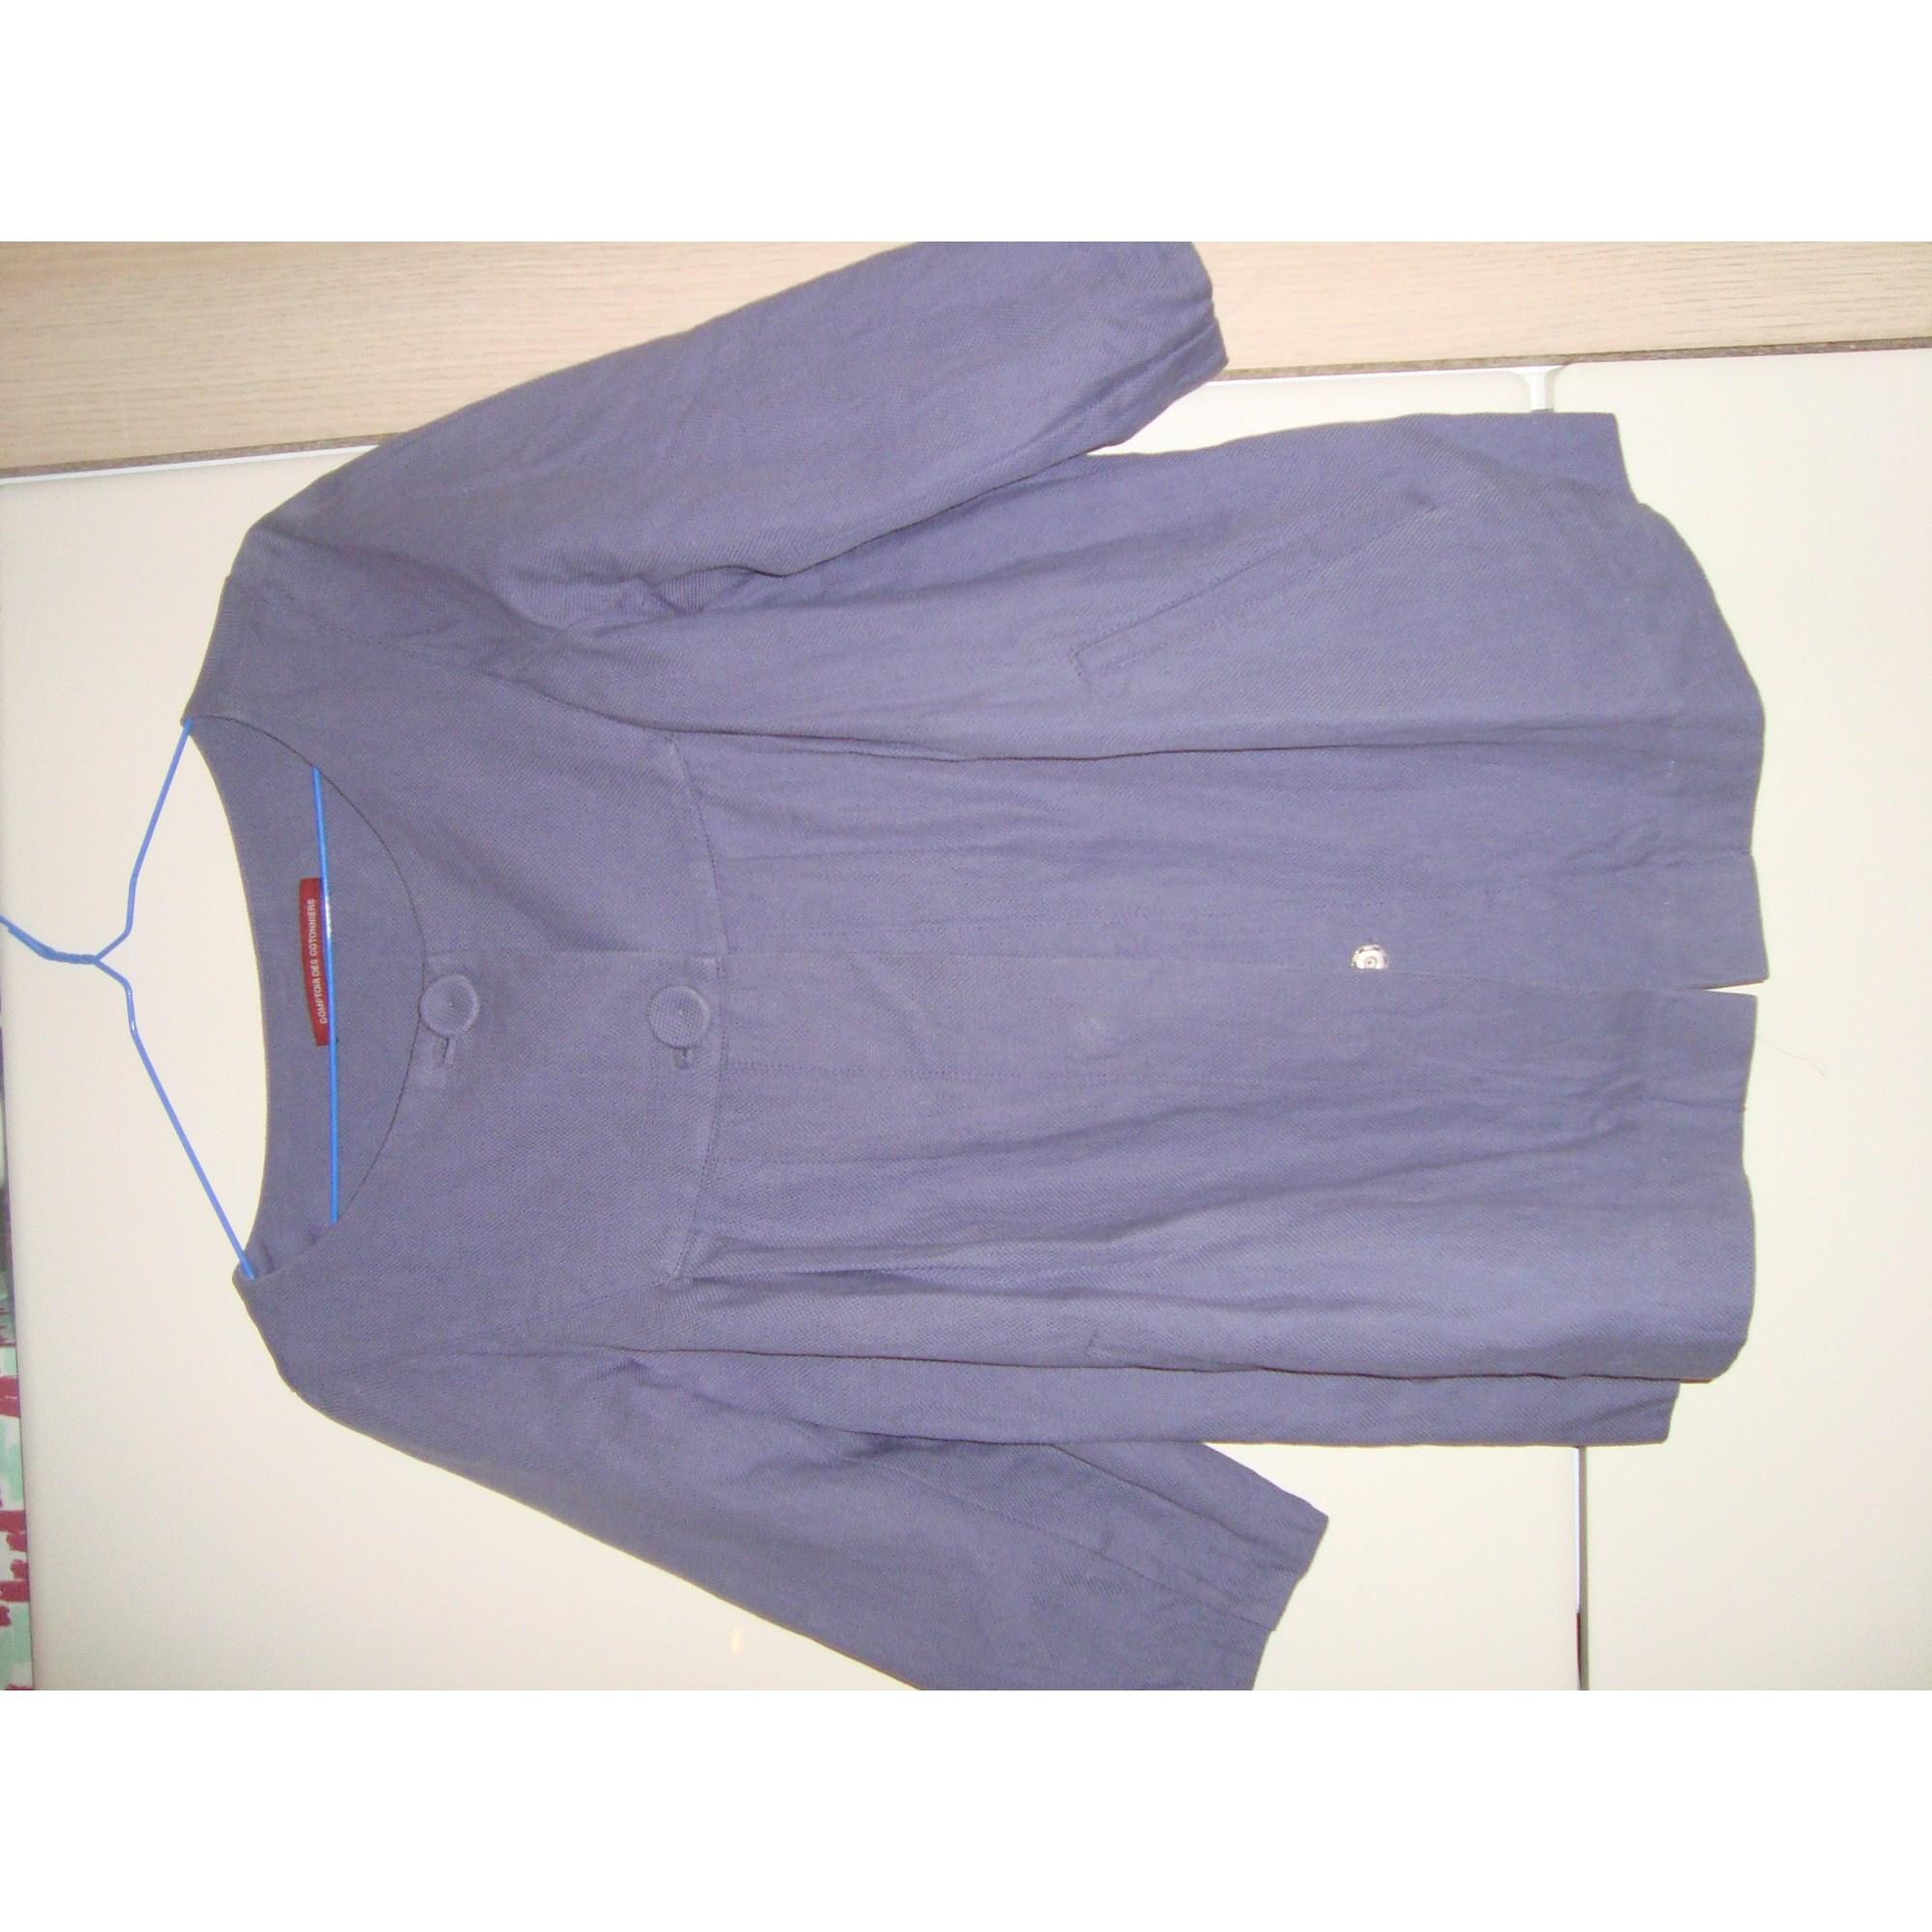 Paletot COMPTOIR DES COTONNIERS Violet, mauve, lavande